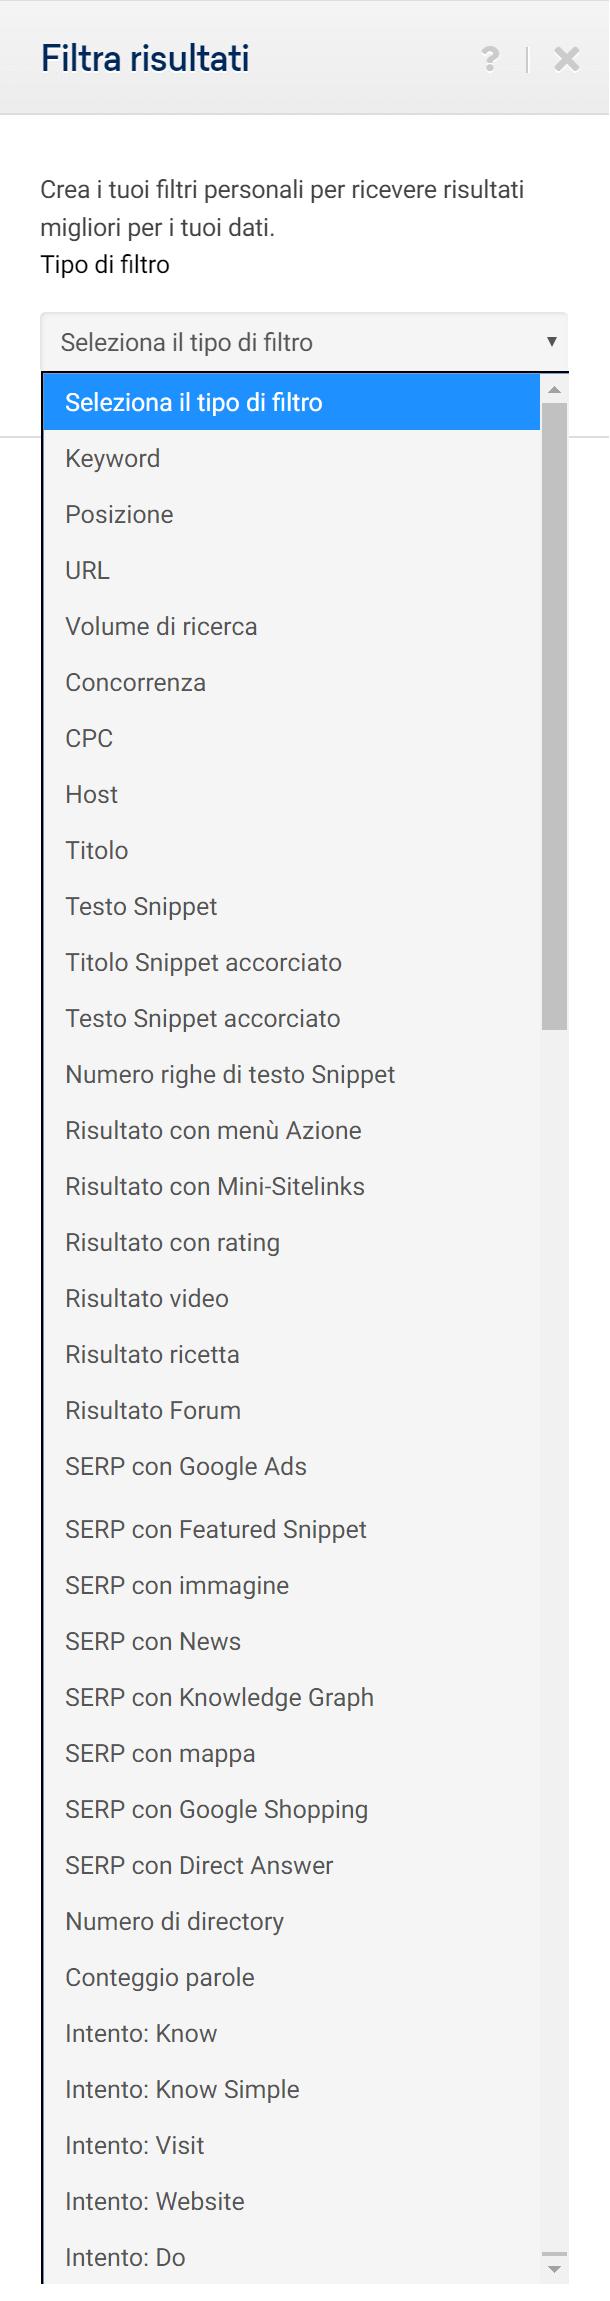 Totale dei filtri presenti nel Toolbox SISTRIX